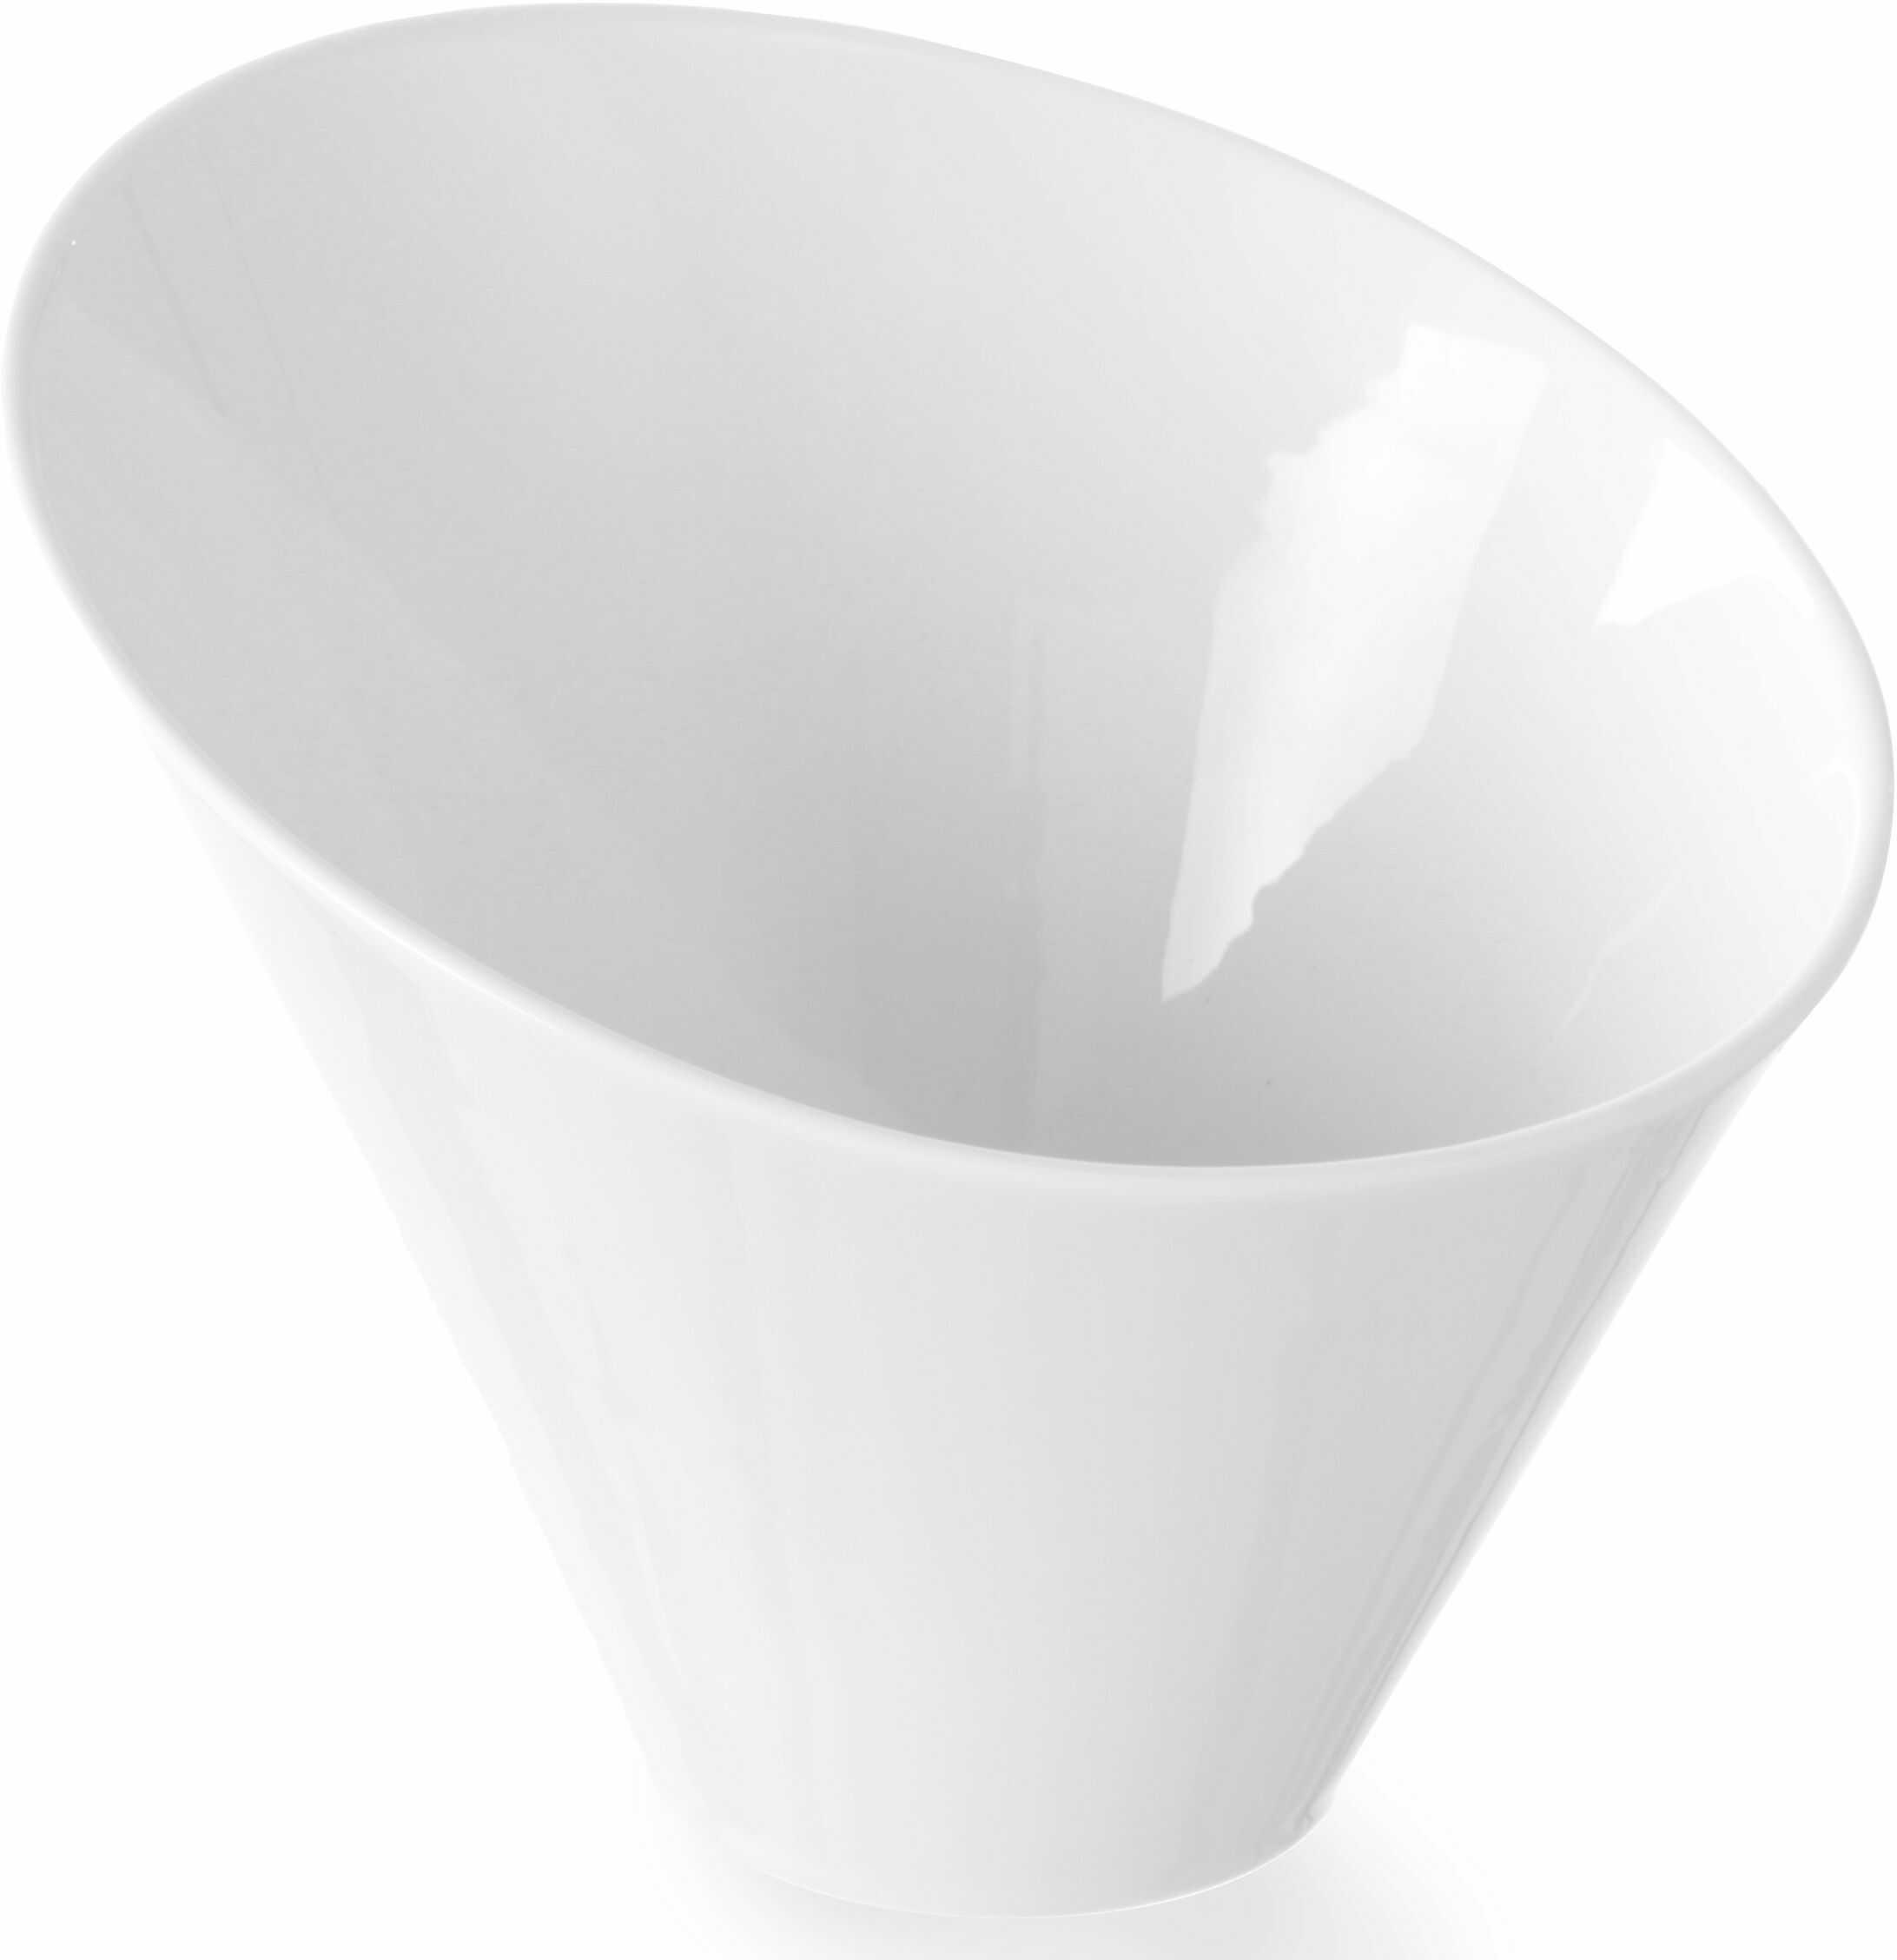 Salaterka porcelanowa skośna